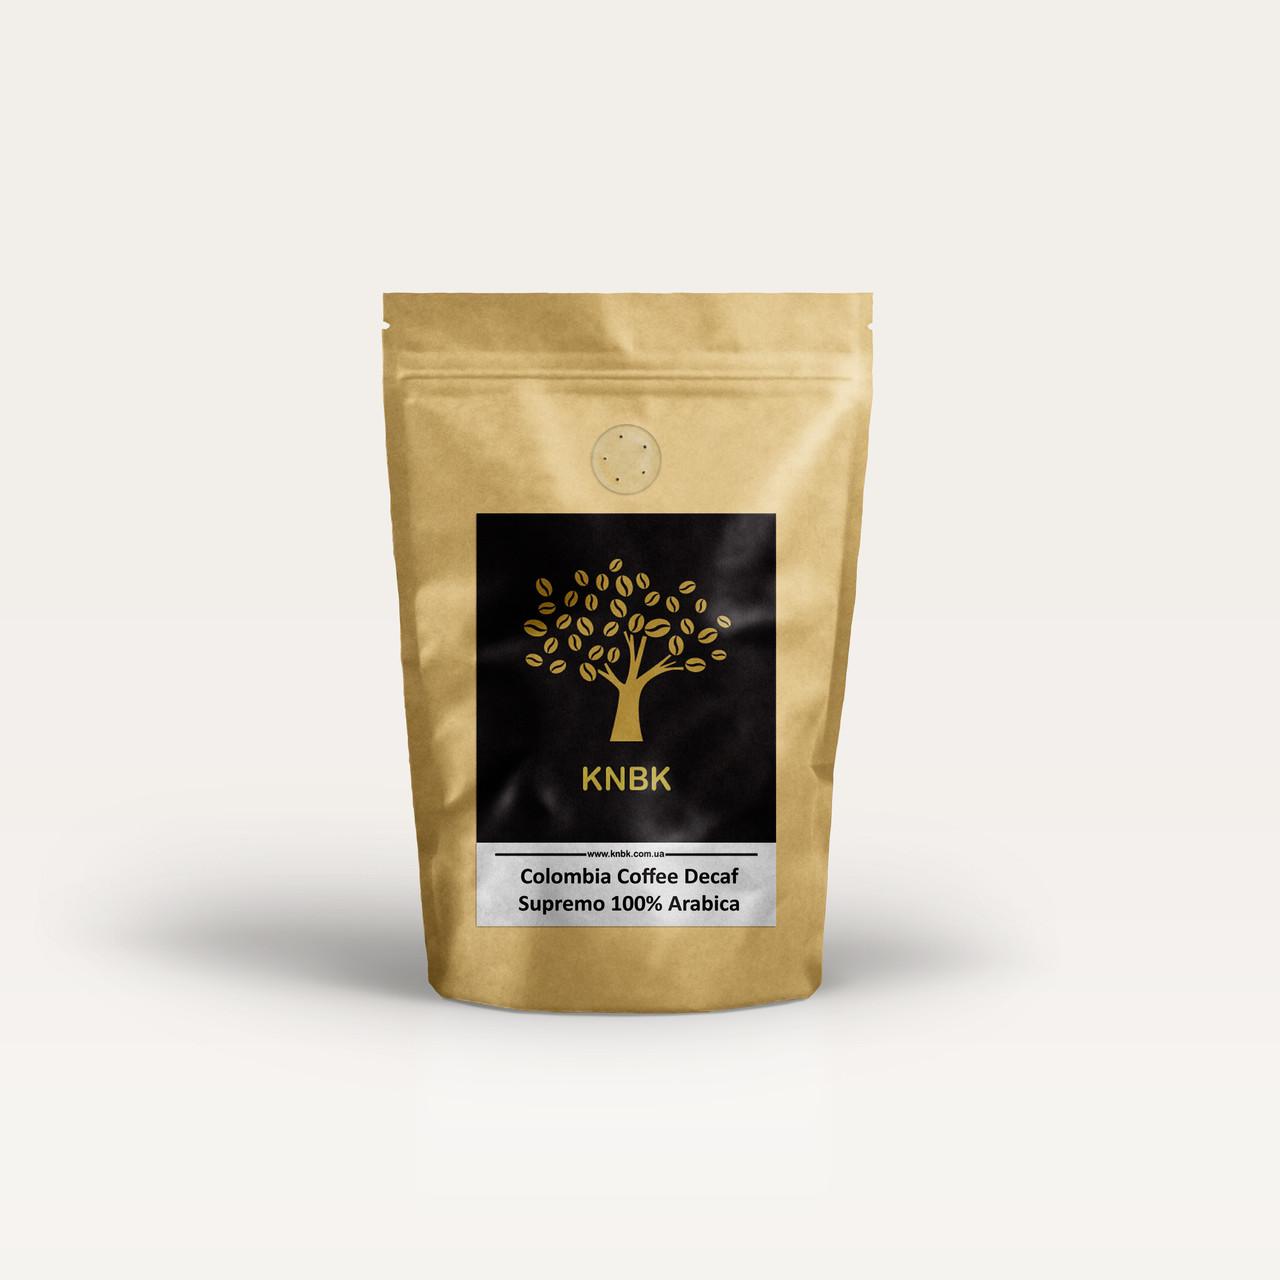 Кофе Арабика Колумбия Супремо БЕЗ КОФЕИНА (Colombia Supremo DECAF) Пробник 100г. Свежеобжаренный кофе в зернах